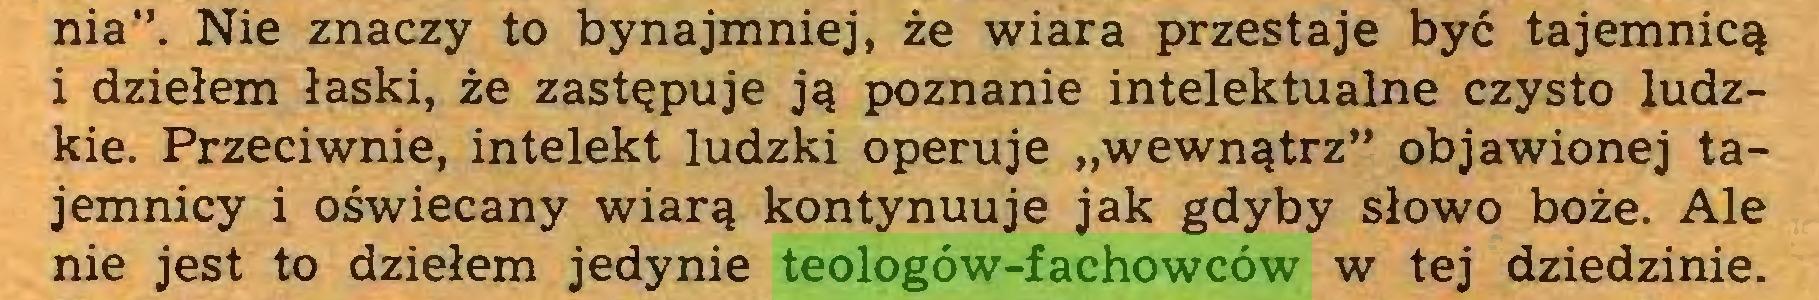 """(...) nia"""". Nie znaczy to bynajmniej, że wiara przestaje być tajemnicą i dziełem łaski, że zastępuje ją poznanie intelektualne czysto ludzkie. Przeciwnie, intelekt ludzki operuje """"wewnątrz"""" objawionej tajemnicy i oświecany wiarą kontynuuje jak gdyby słowo boże. Ale nie jest to dziełem jedynie teologów-fachowców w tej dziedzinie..."""